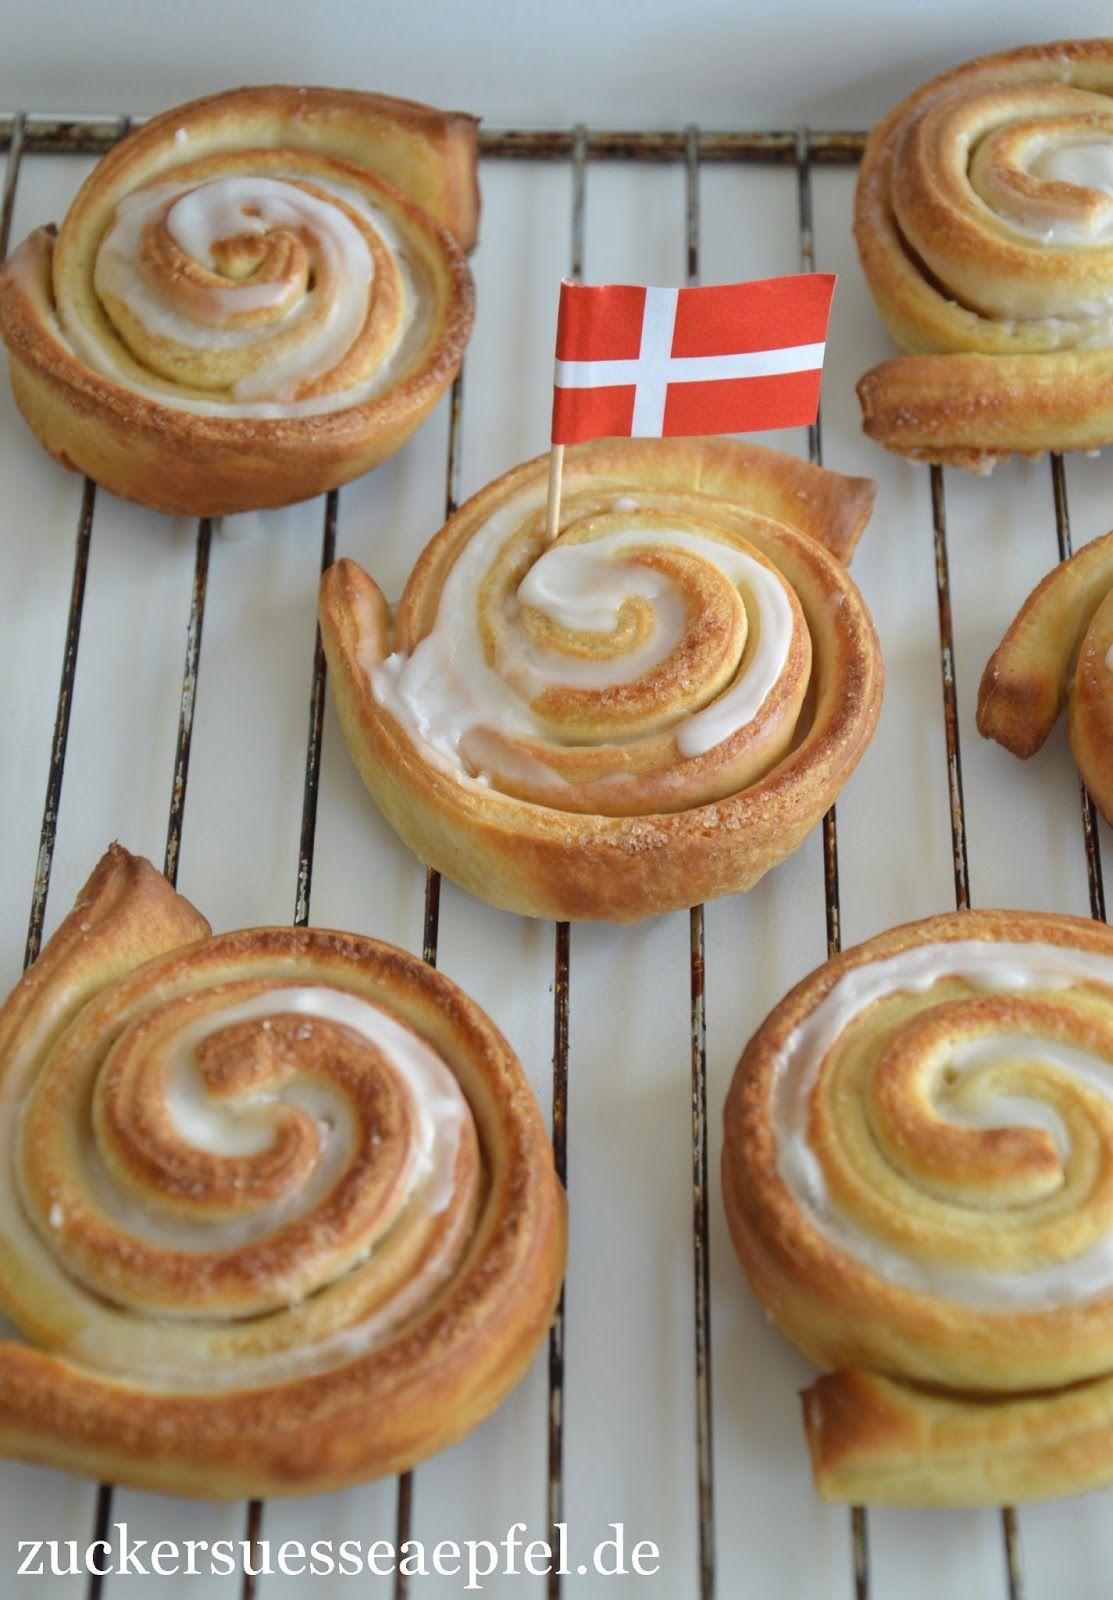 Ein Original Rezept Fur Danische Zimtschnecken Danische Rezepte Backen Danische Rezepte Danische Zimtschnecken Rezept